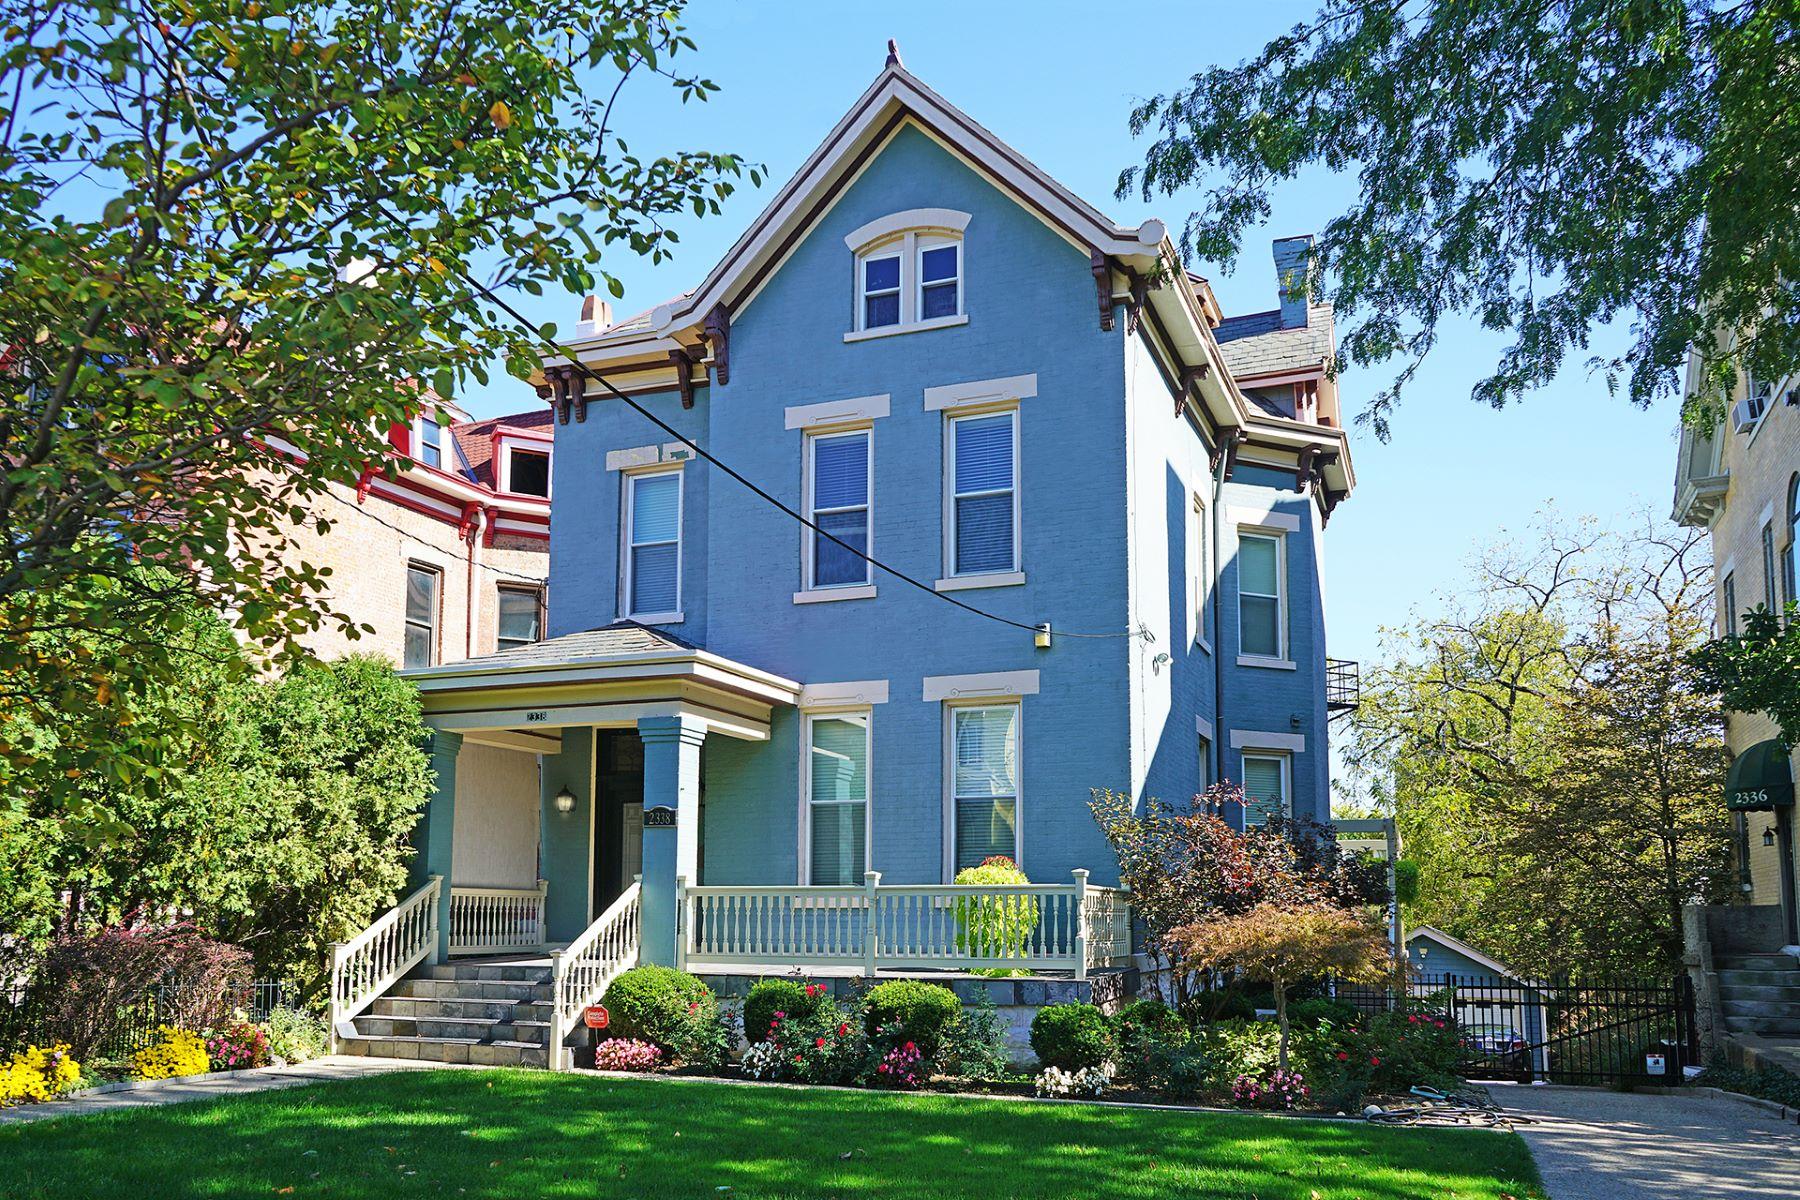 Villa per Vendita alle ore Beautiful Home in Desirable Location 2338 Upland Place Cincinnati, Ohio, 45206 Stati Uniti